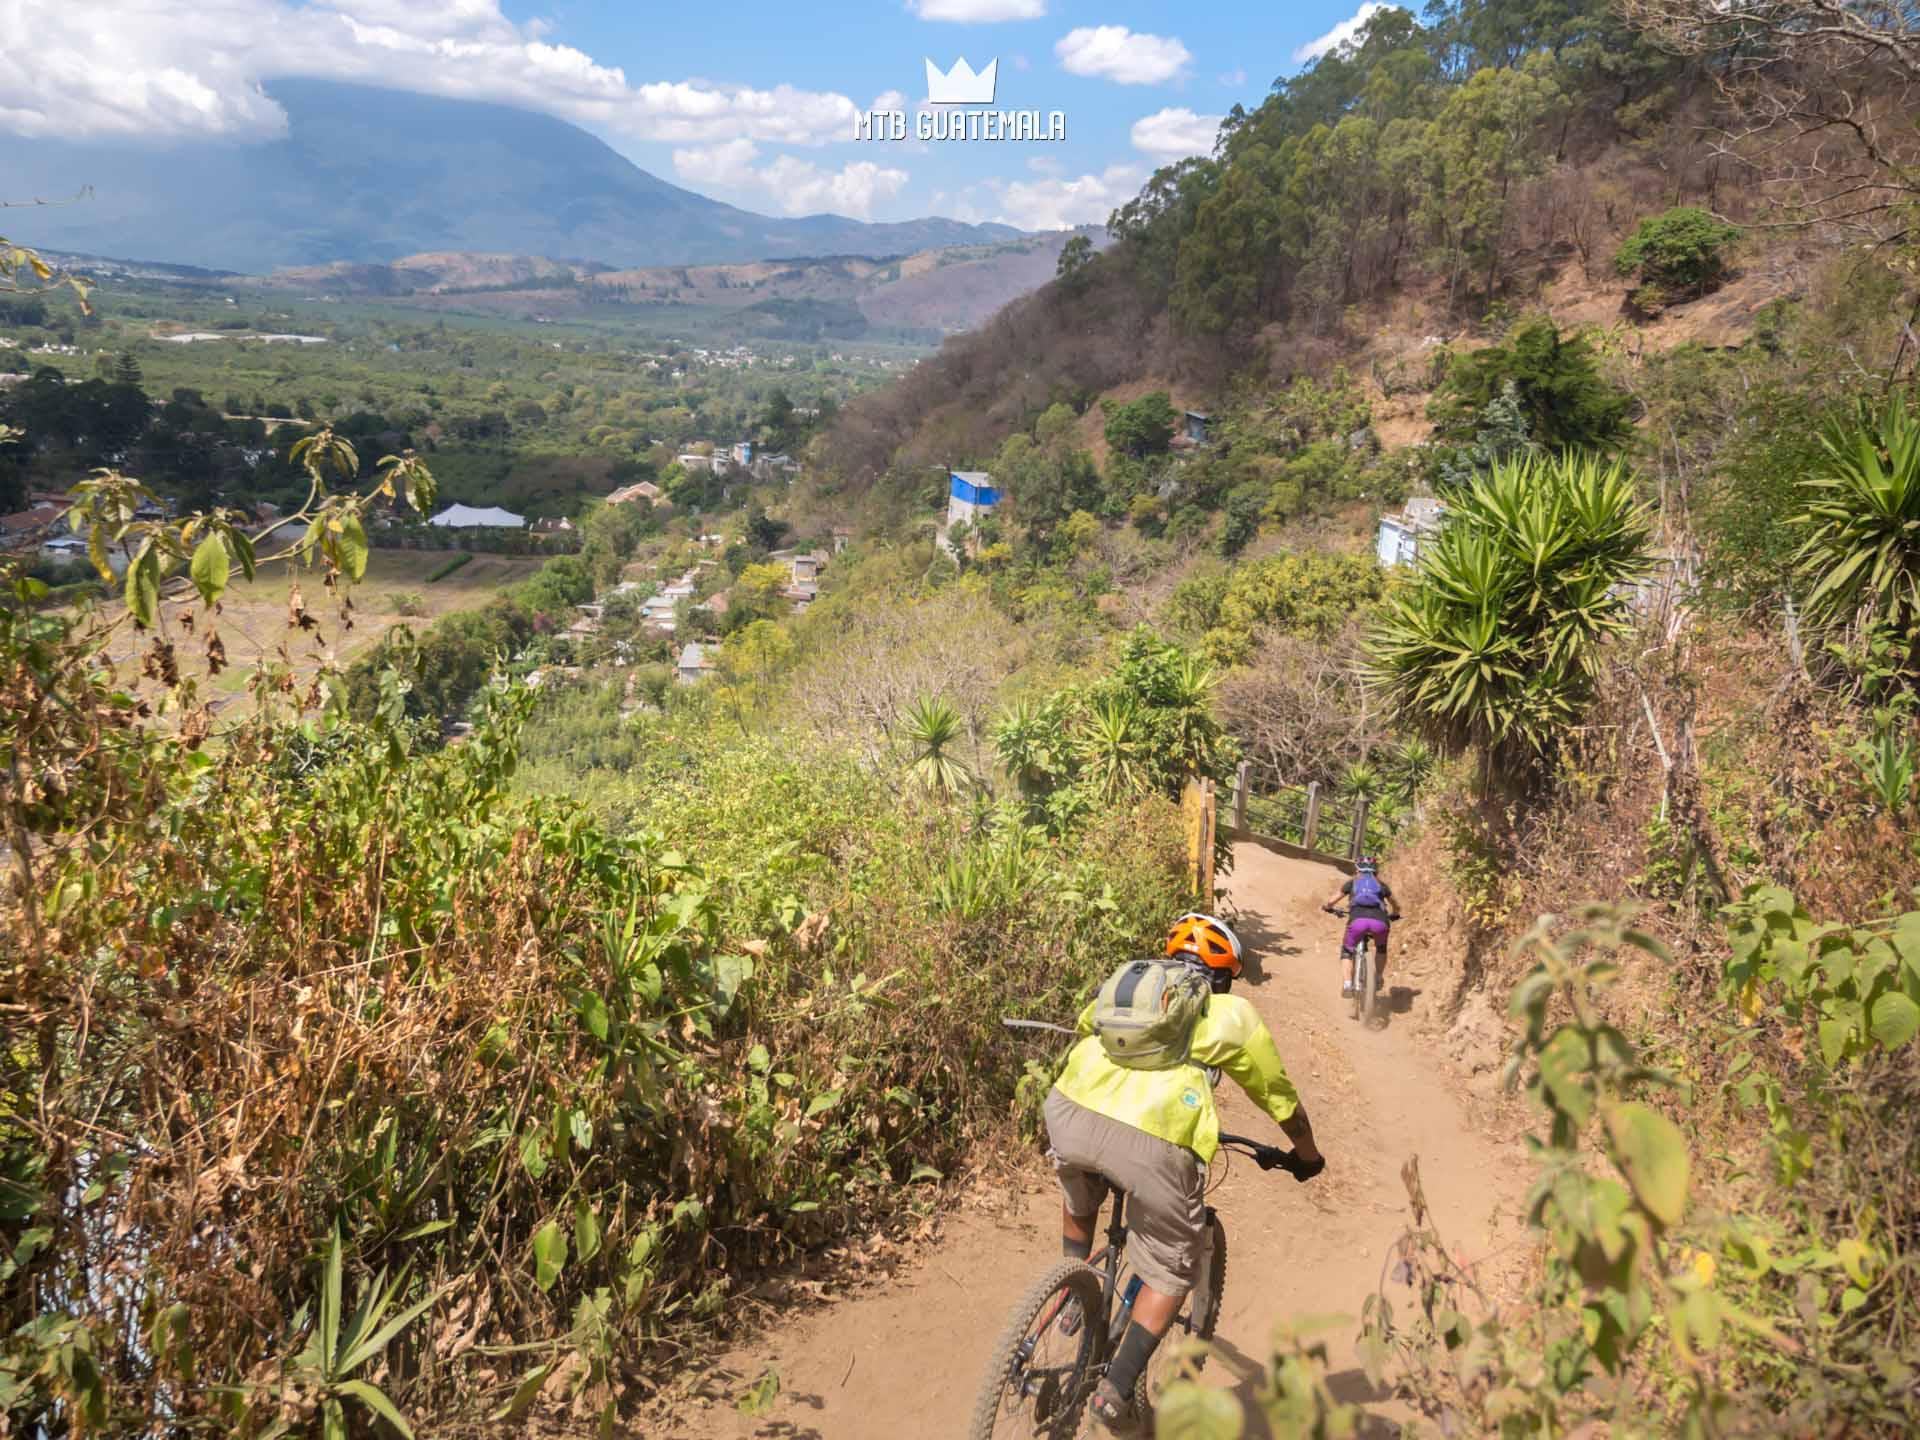 BIGMTN-180219-214-G85.dng - Florencia Mountain Bike Tour Antigua Guatemala